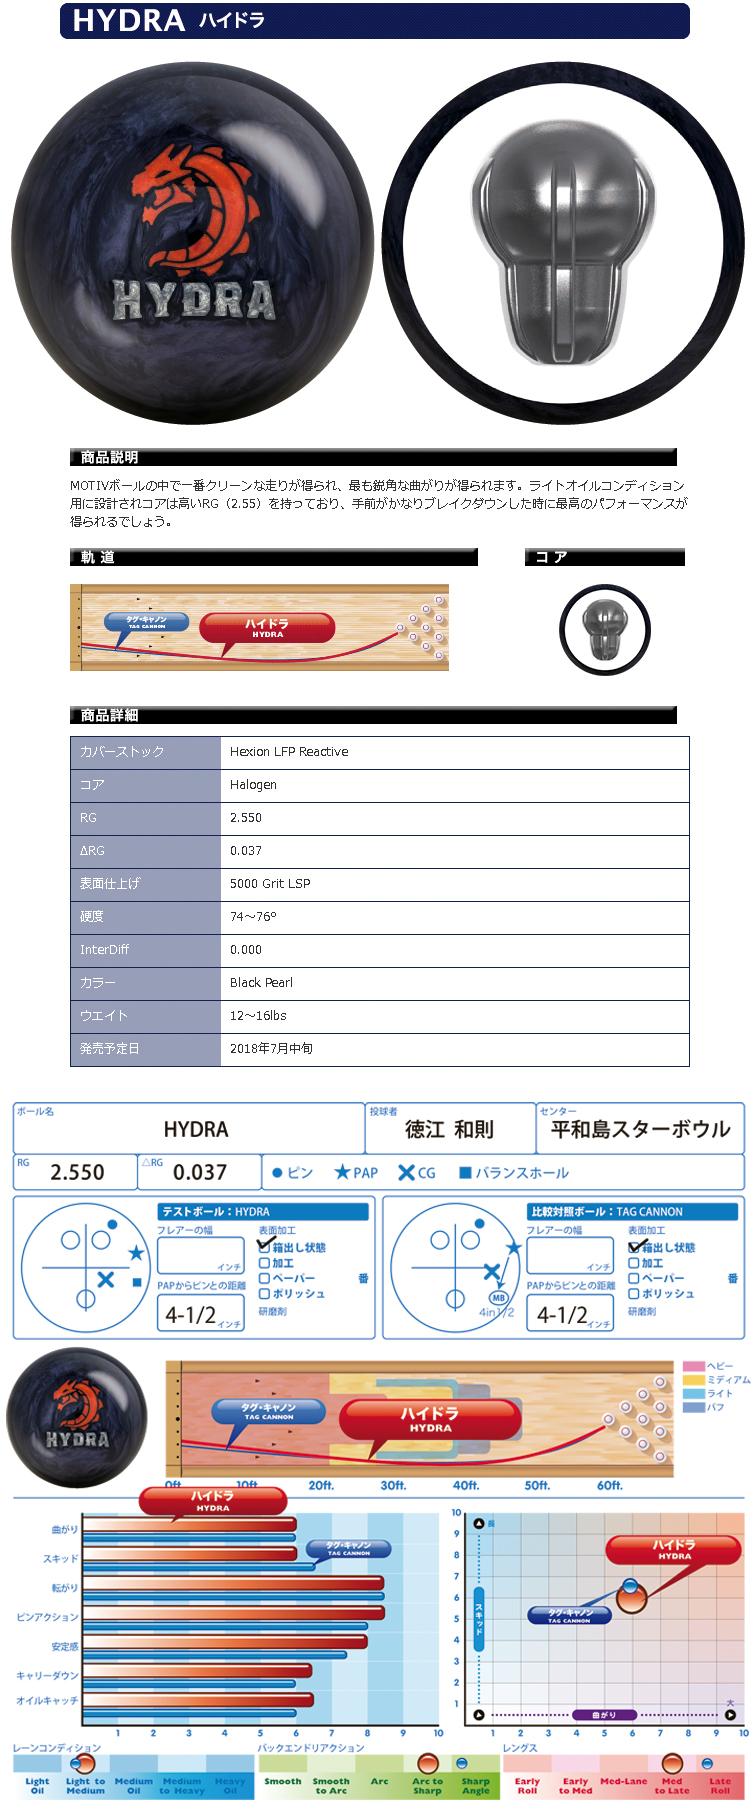 ボウリング用品 ボウリングボール モーティブ MOTIV ハイドラ HYDRA